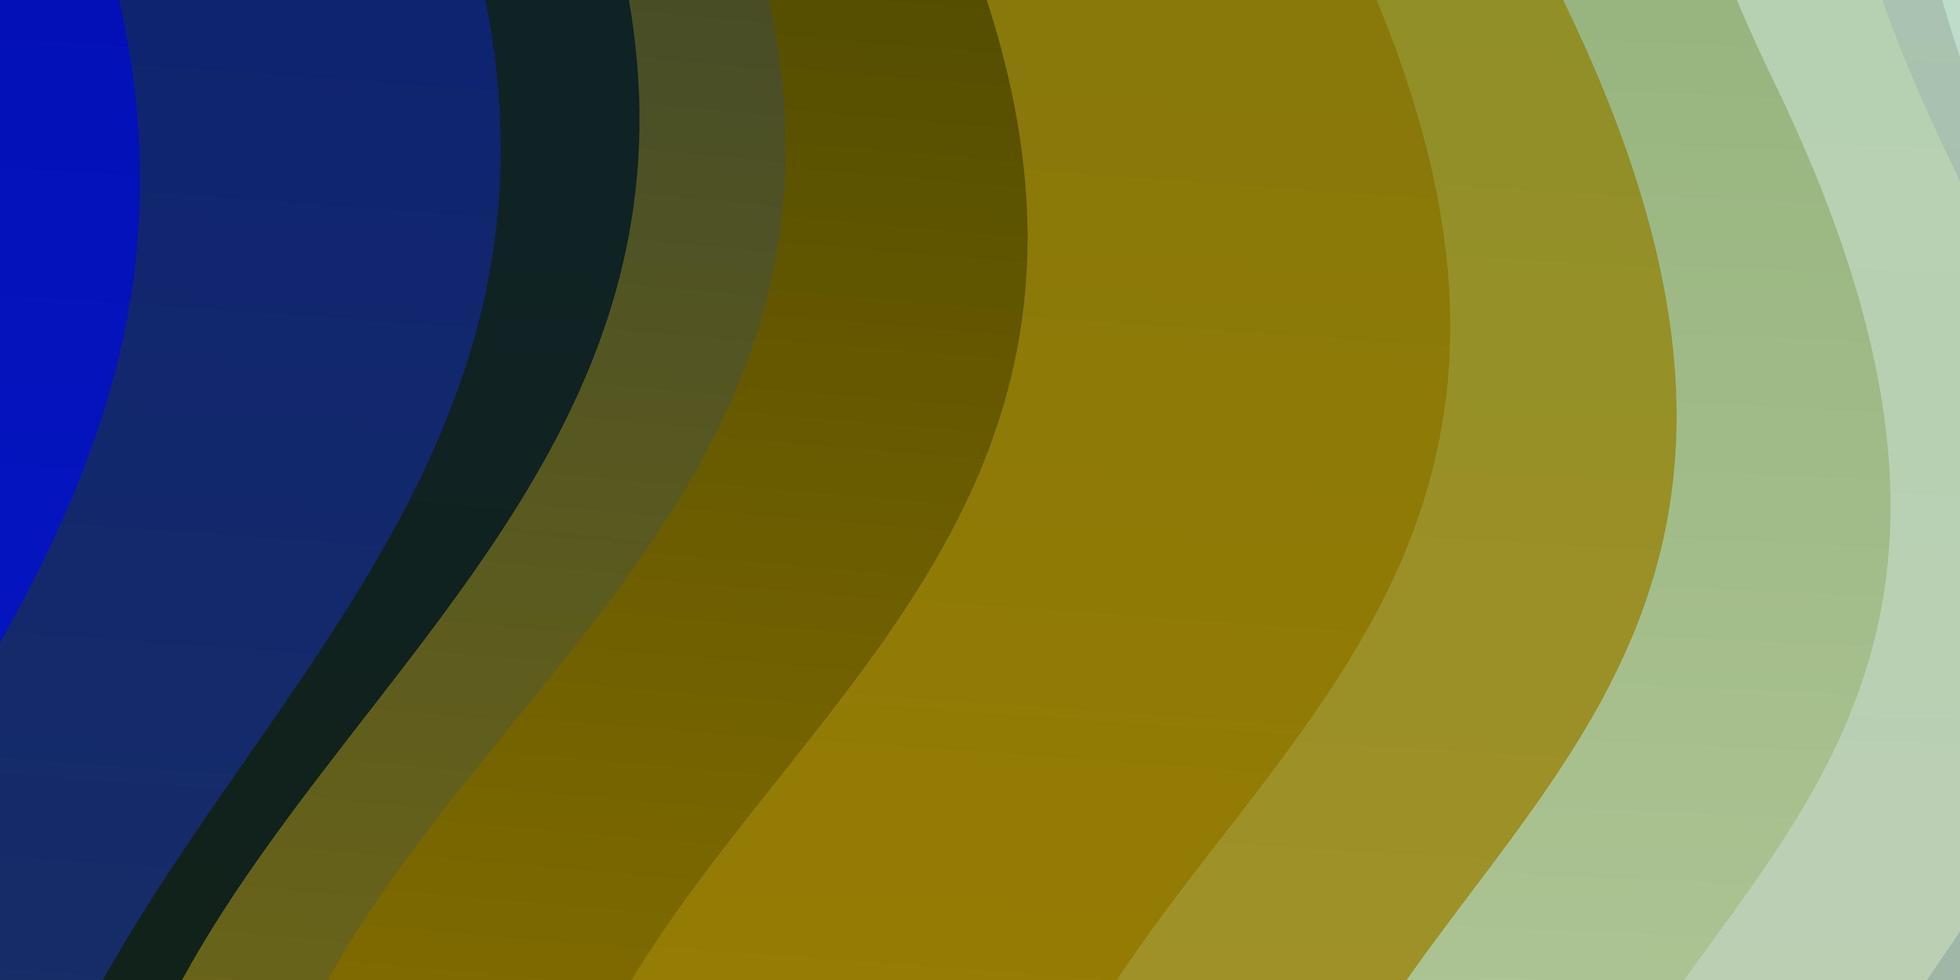 lichtblauwe, gele achtergrond met lijnen. vector